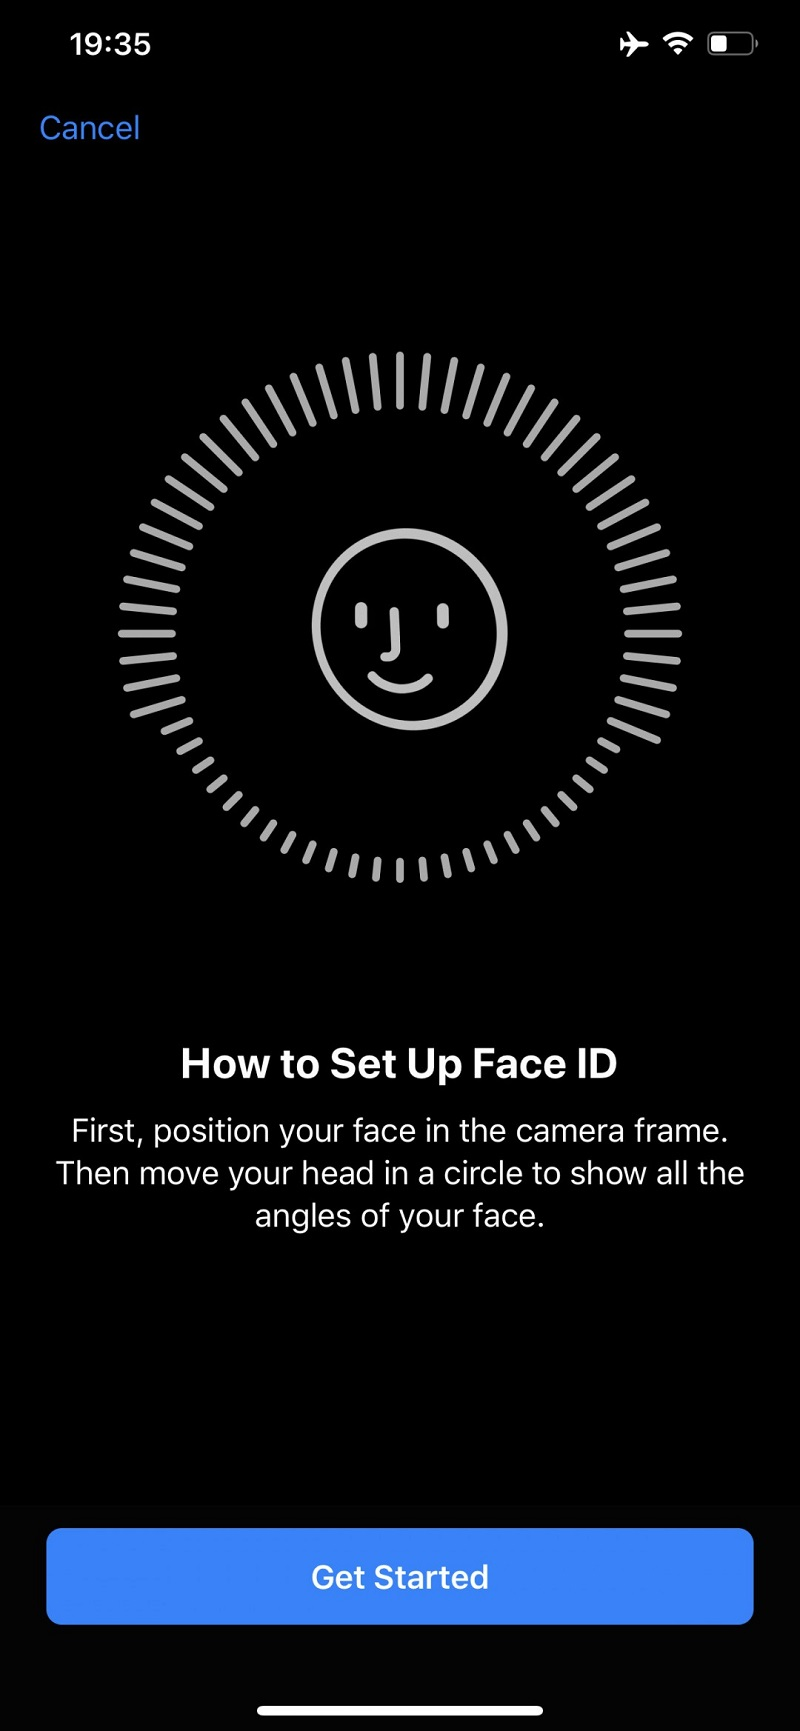 Sforum - Trang thông tin công nghệ mới nhất gsmarena_083 Đánh giá Apple iPhone 11 Pro/11 Pro Max: Khả năng chụp hình tốt, dung lượng pin cải thiện vượt bậc